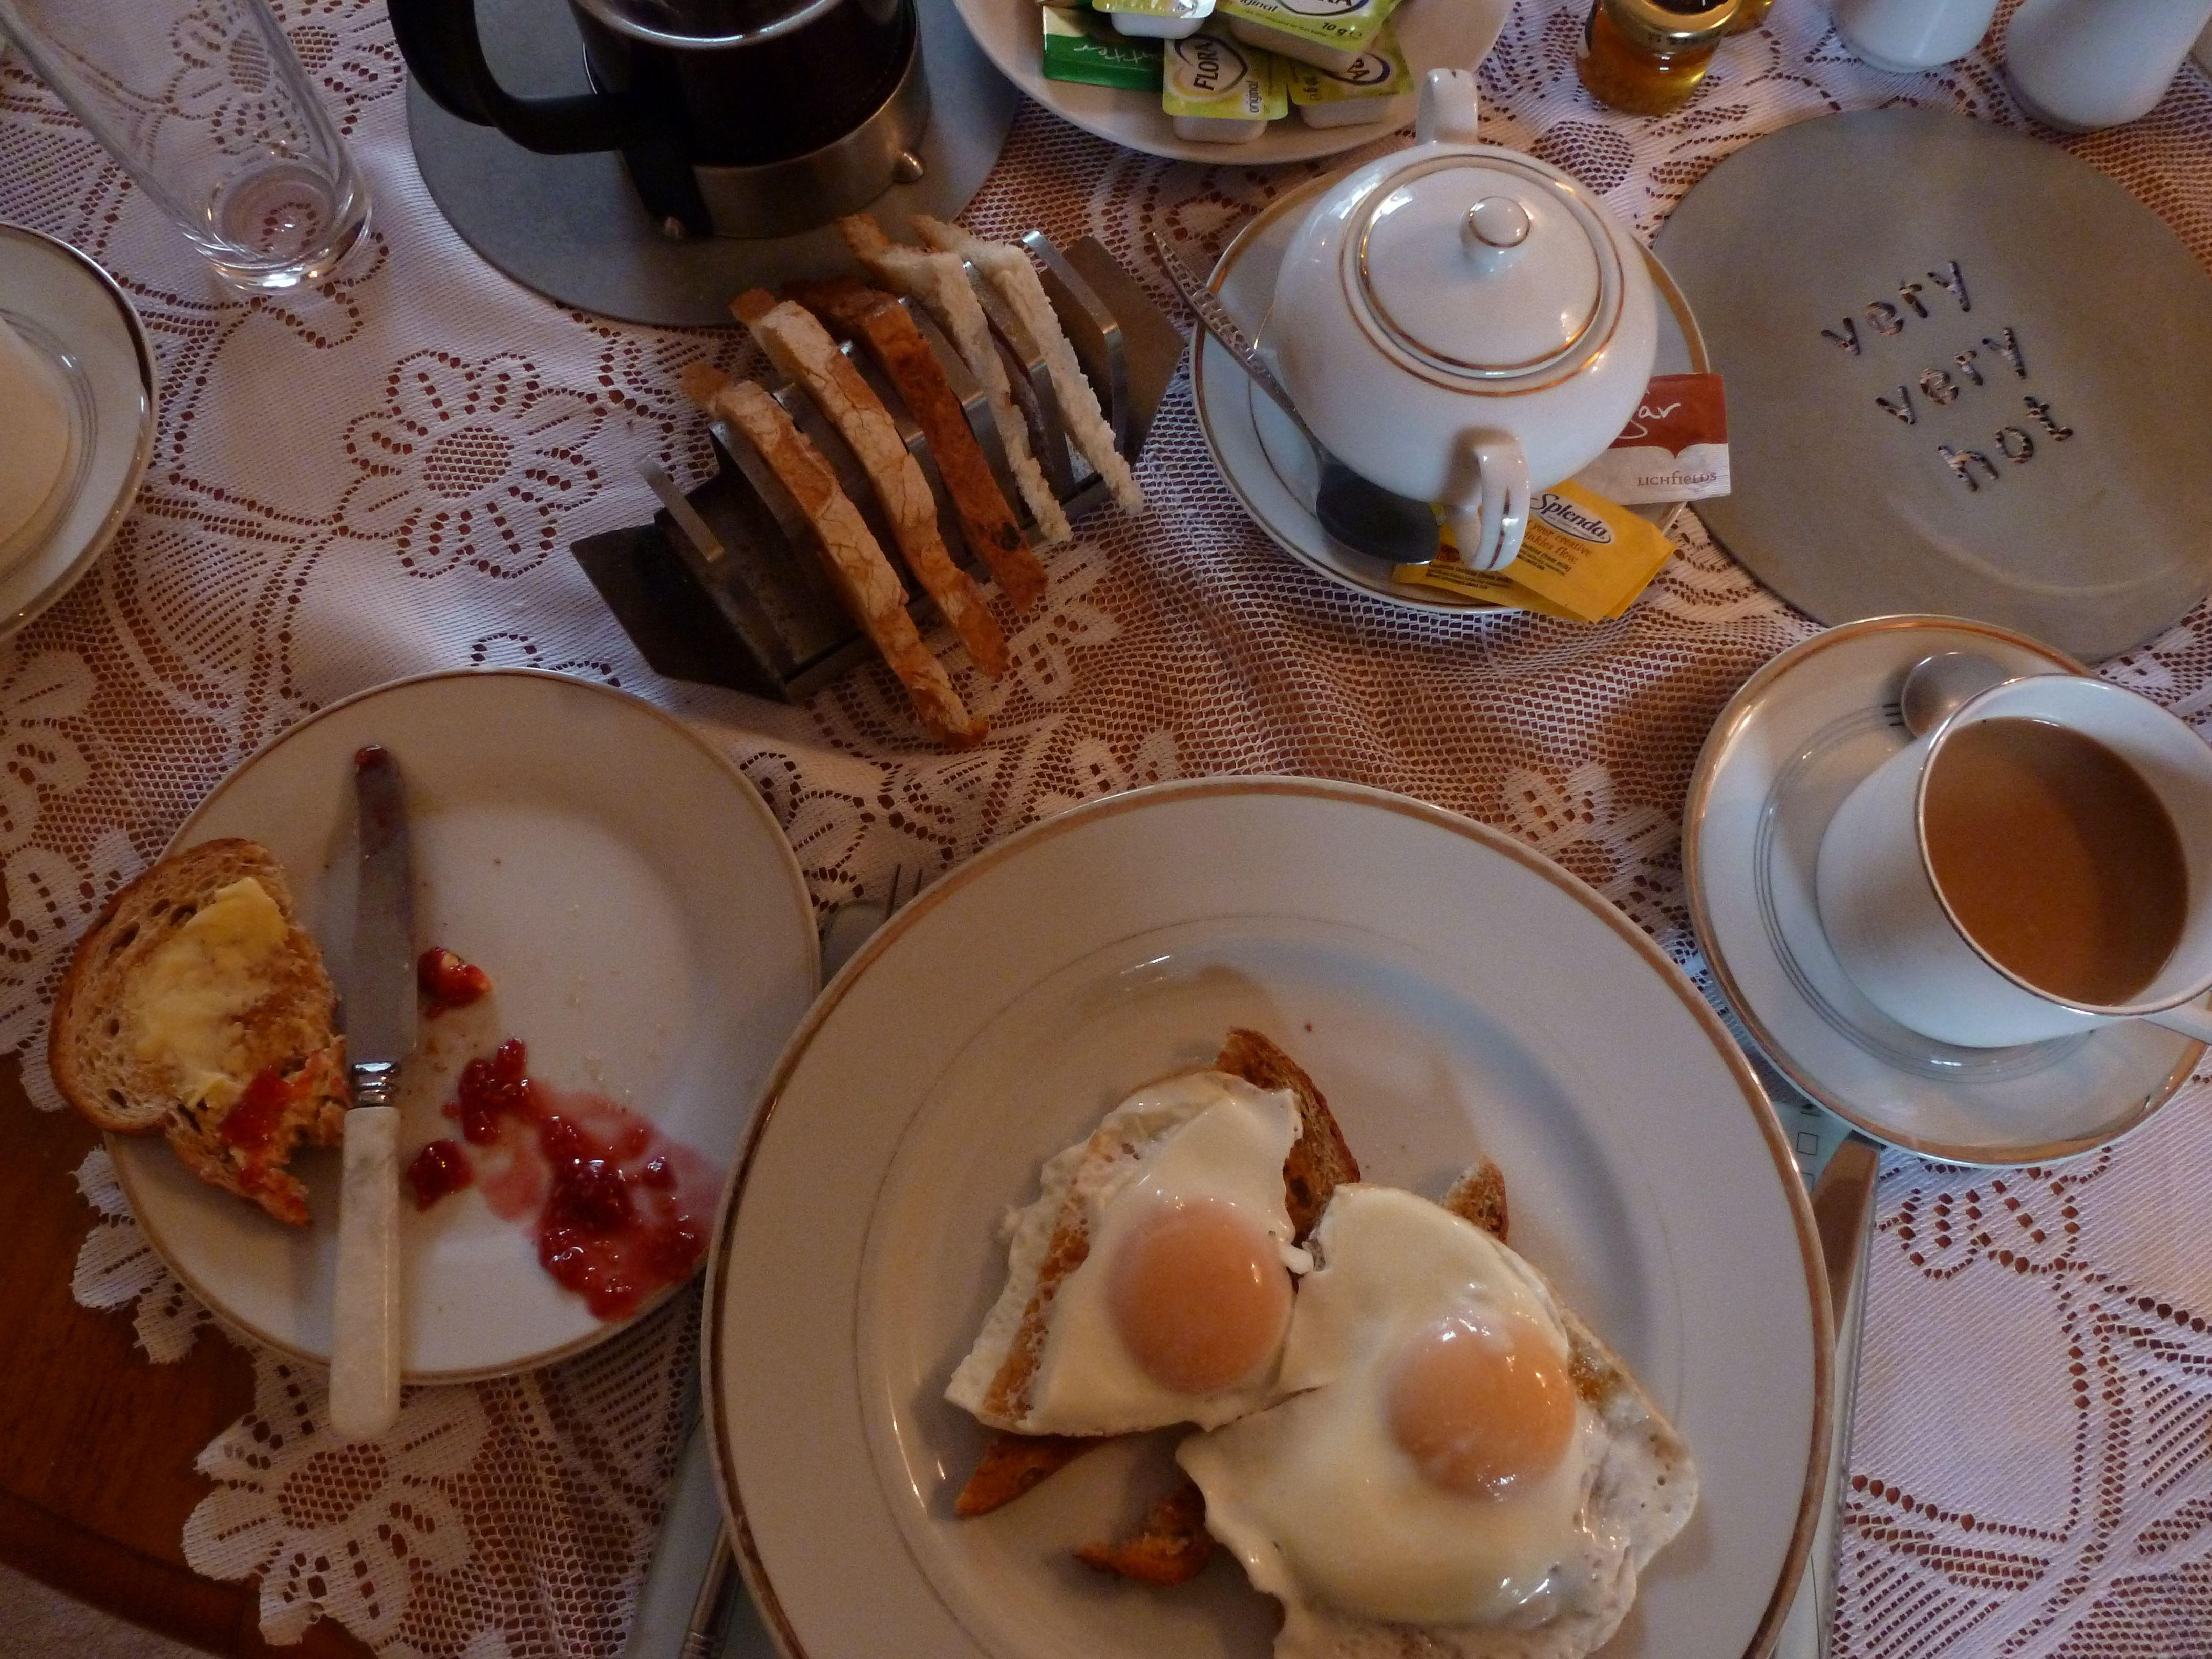 B & B breakfast Scotland